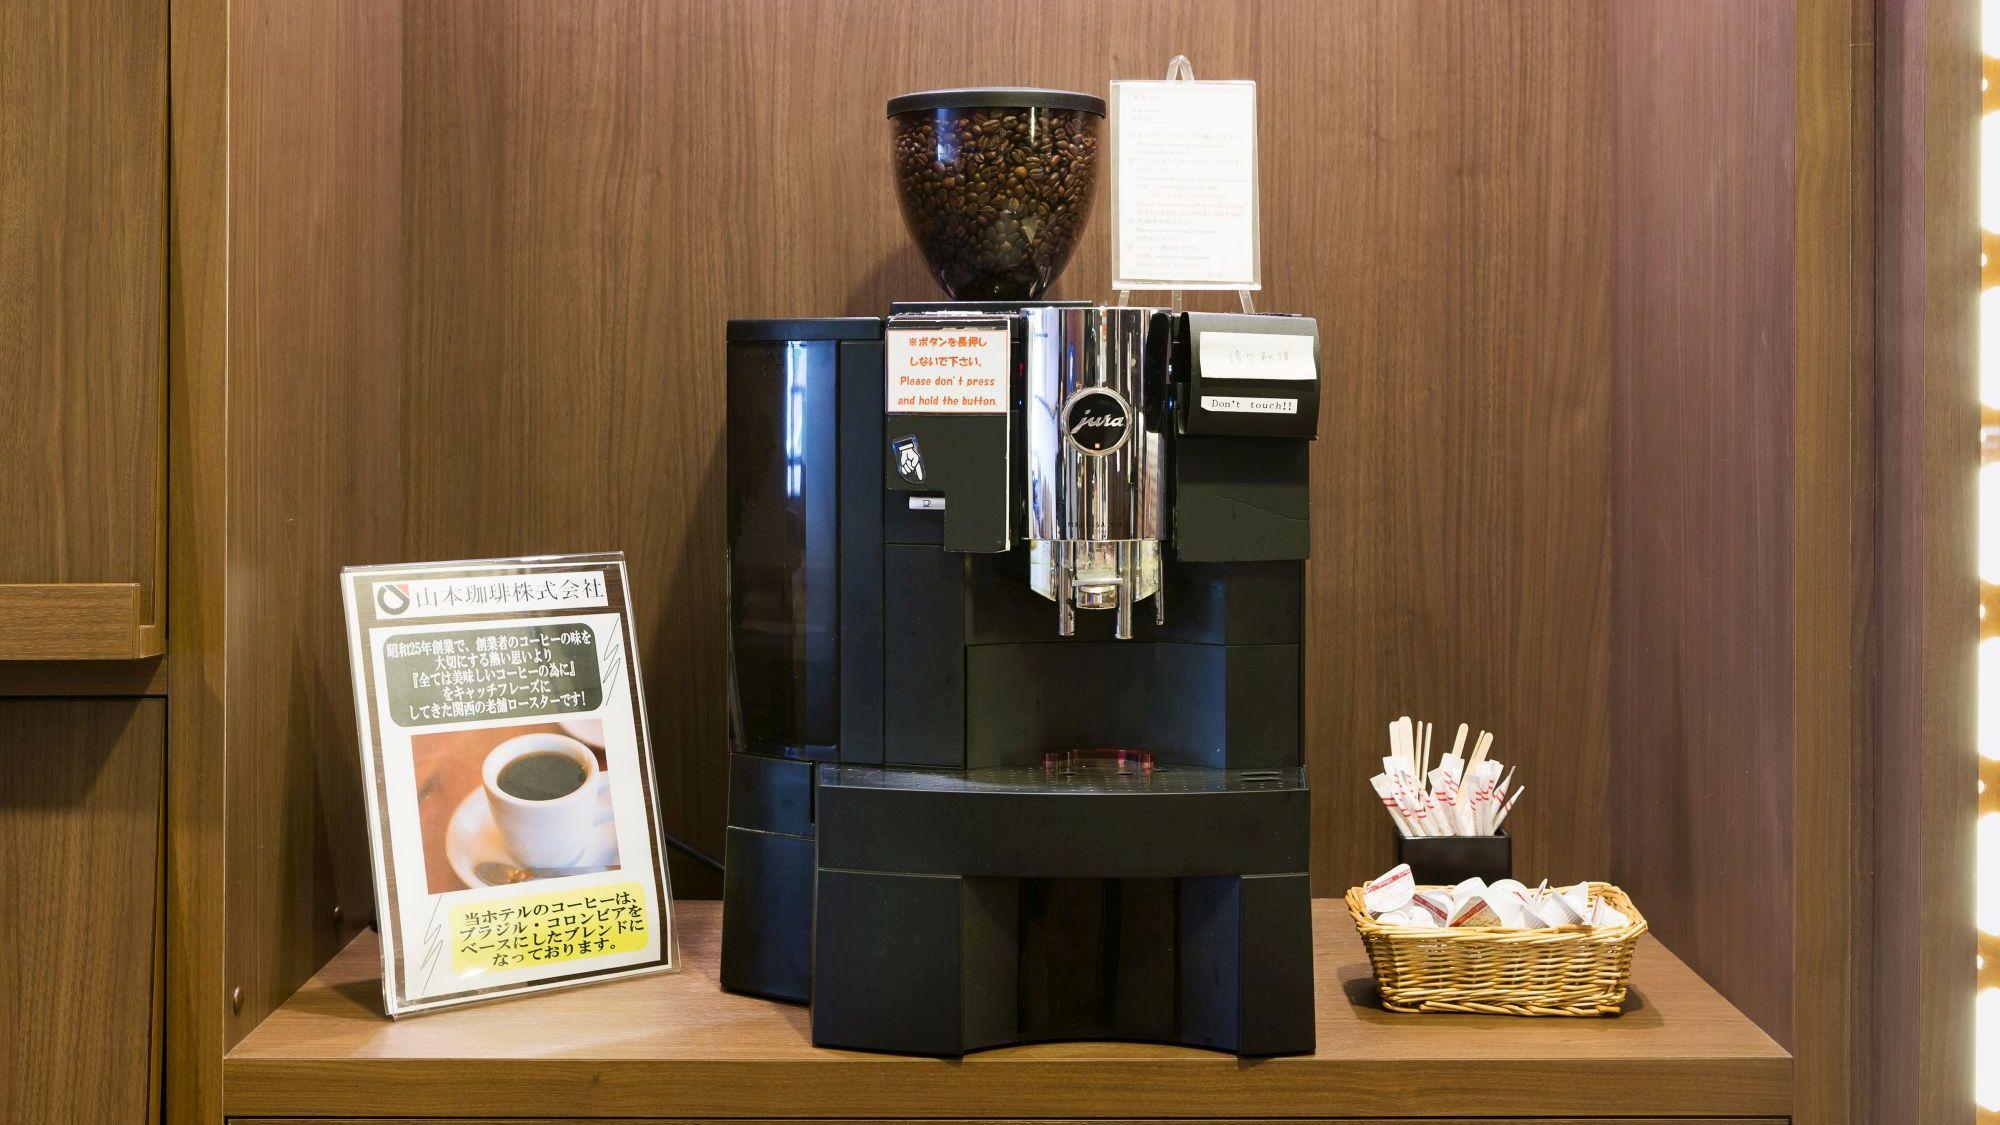 ロビーには無料のコーヒーサーバーをご用意しております